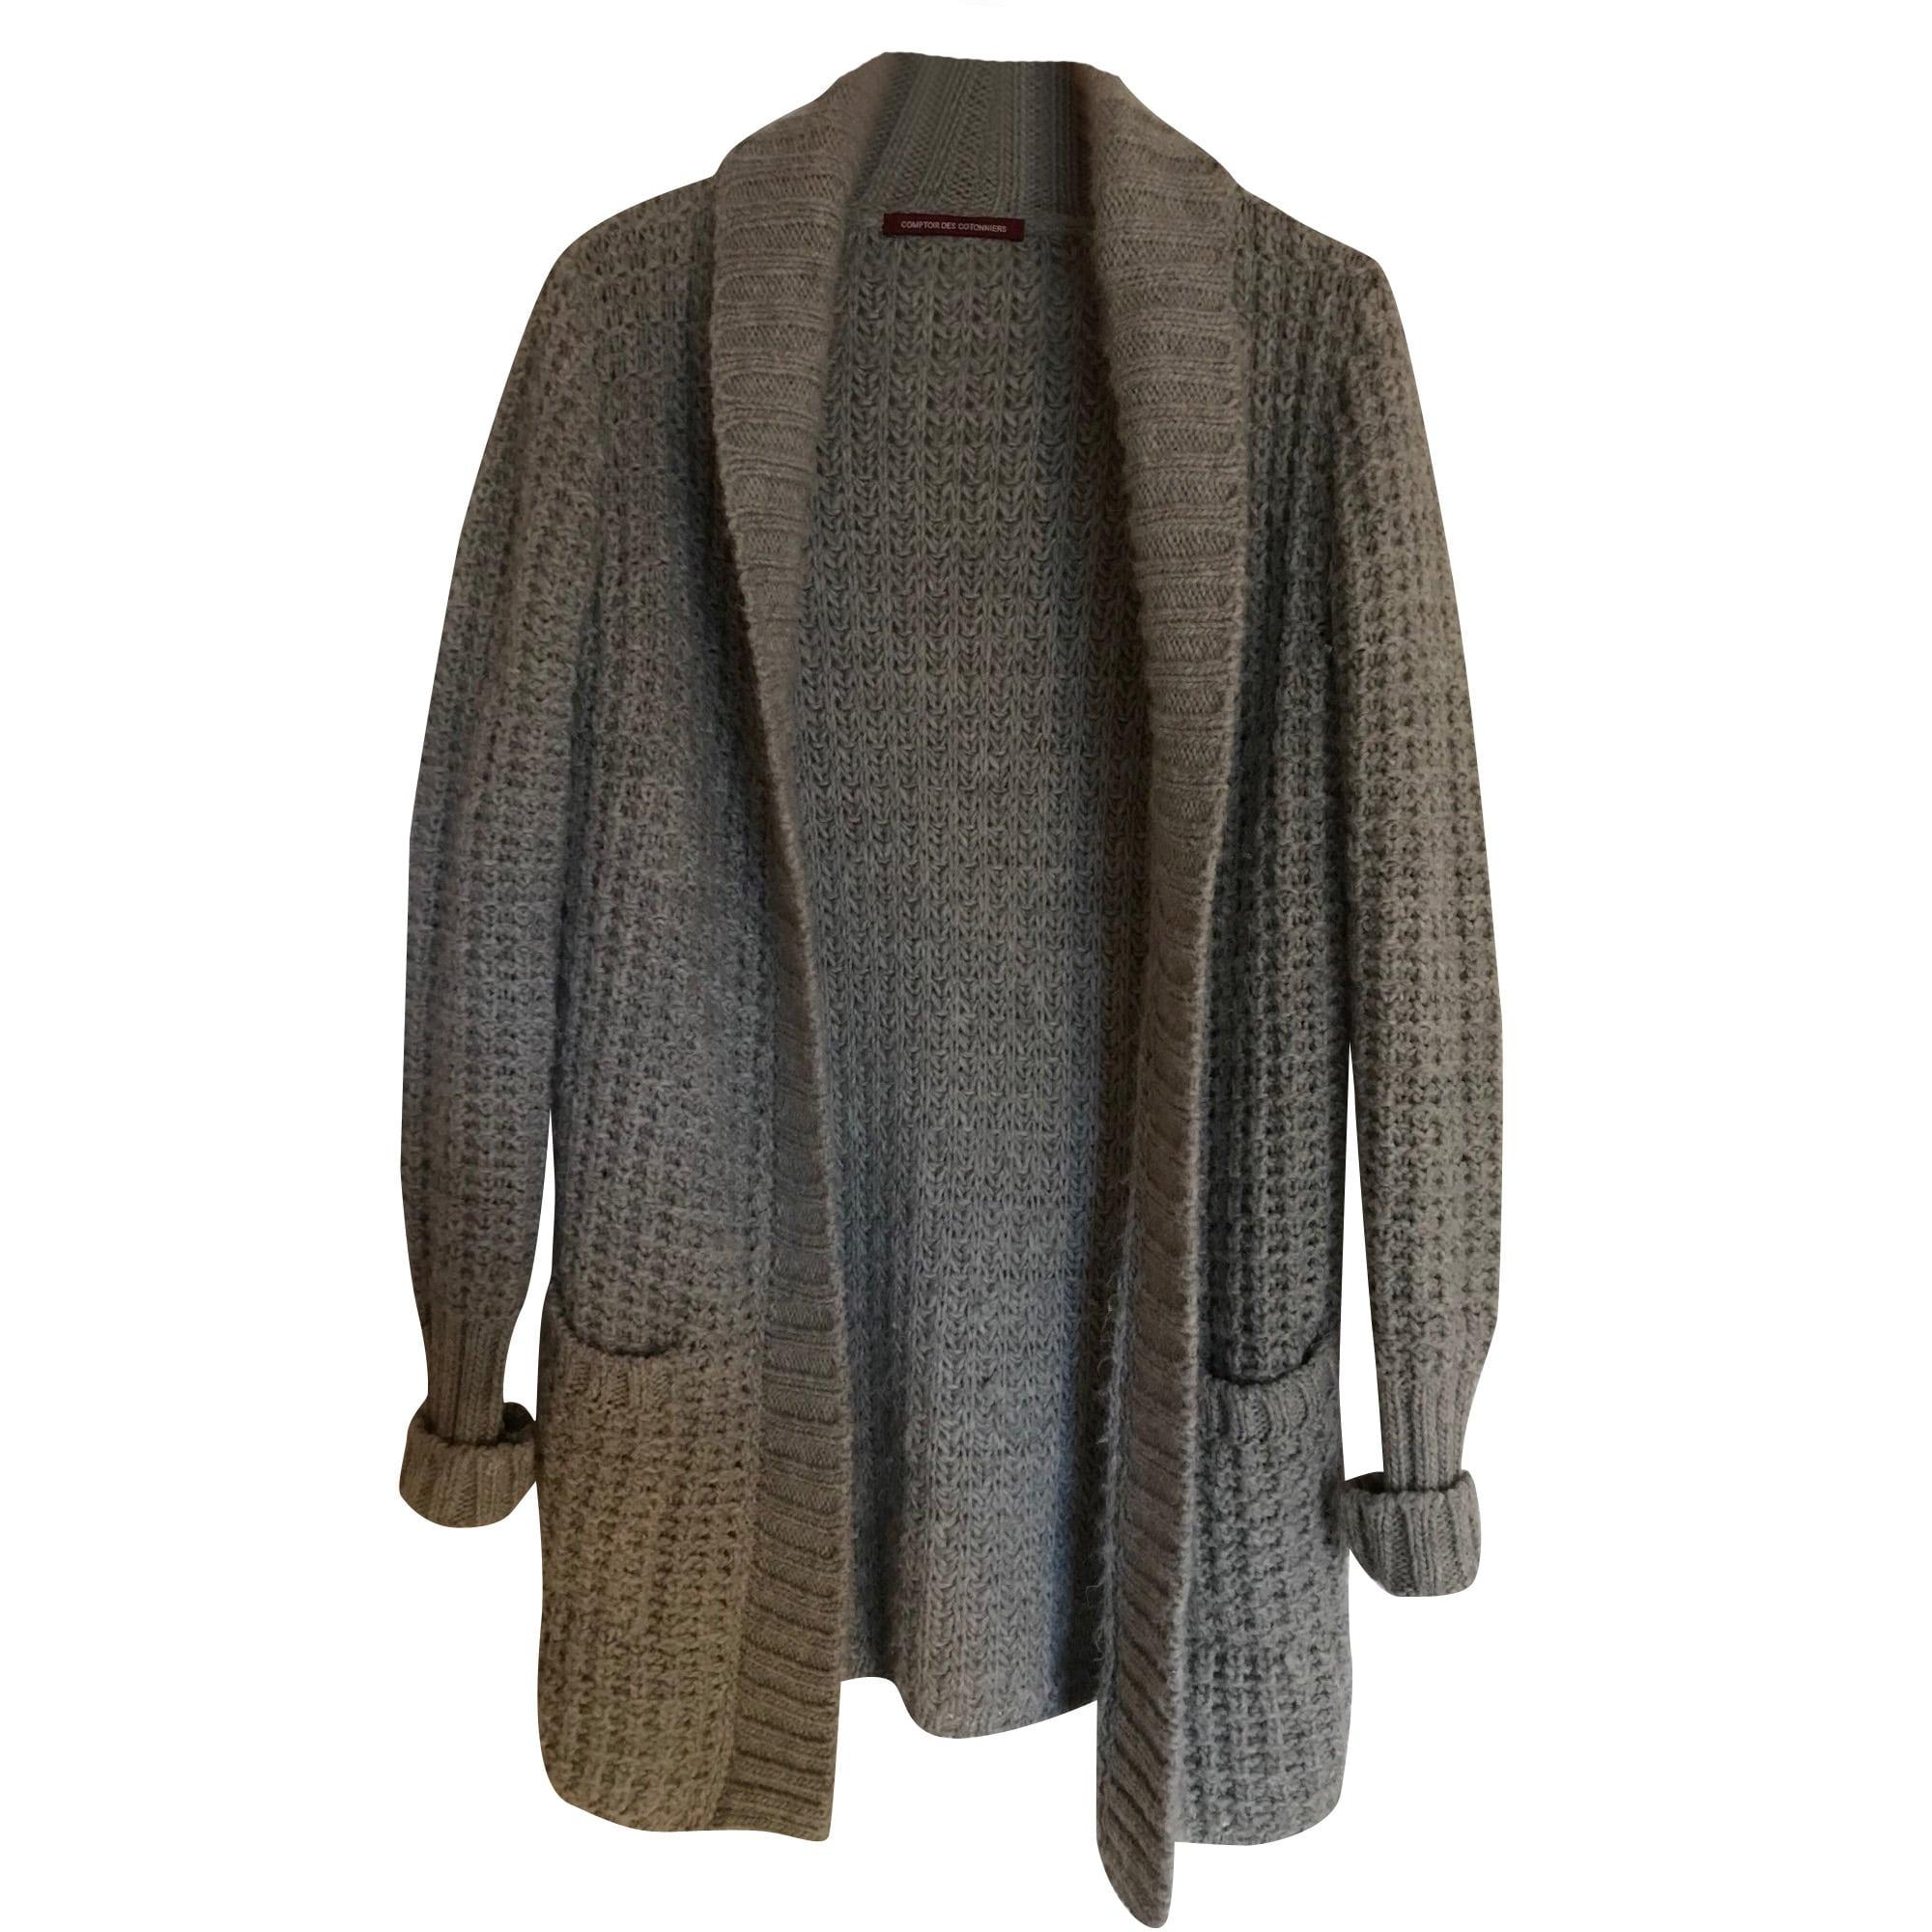 Gilet cardigan comptoir des cotonniers 36 s t1 gris vendu par sophie 194280700 7141783 - Cardigan comptoir des cotonniers ...